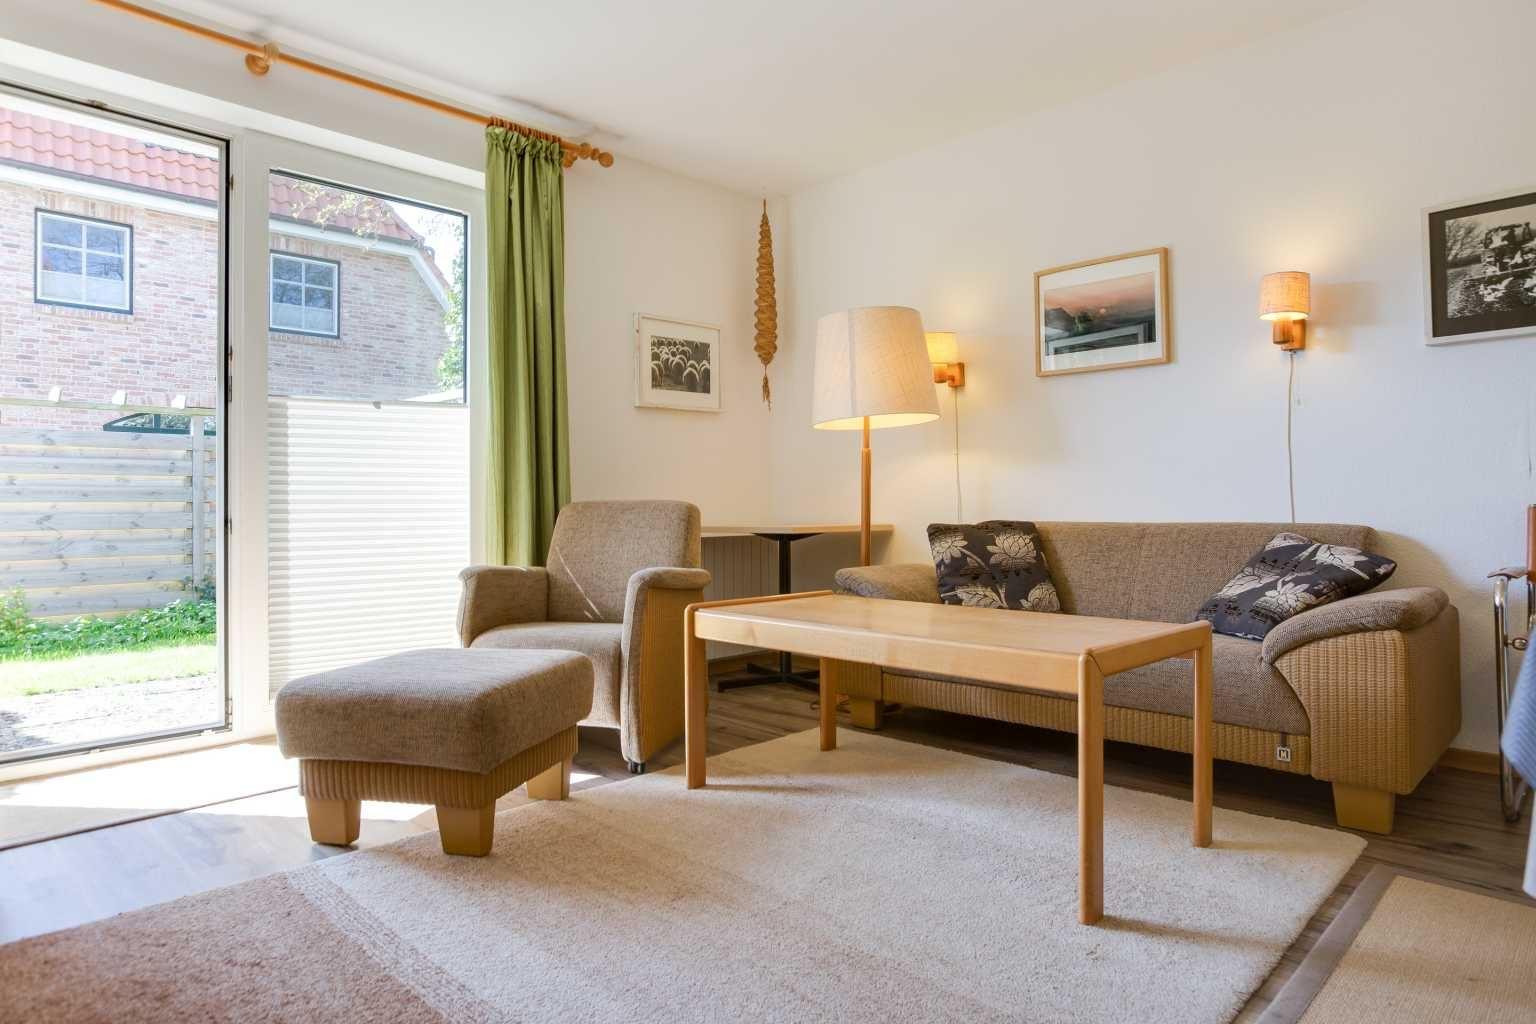 Wohnzimmer - St Peter Ording Dorf, Haus Badallee 28a, Wohnung Schwalbennest 2 (EG hinten)